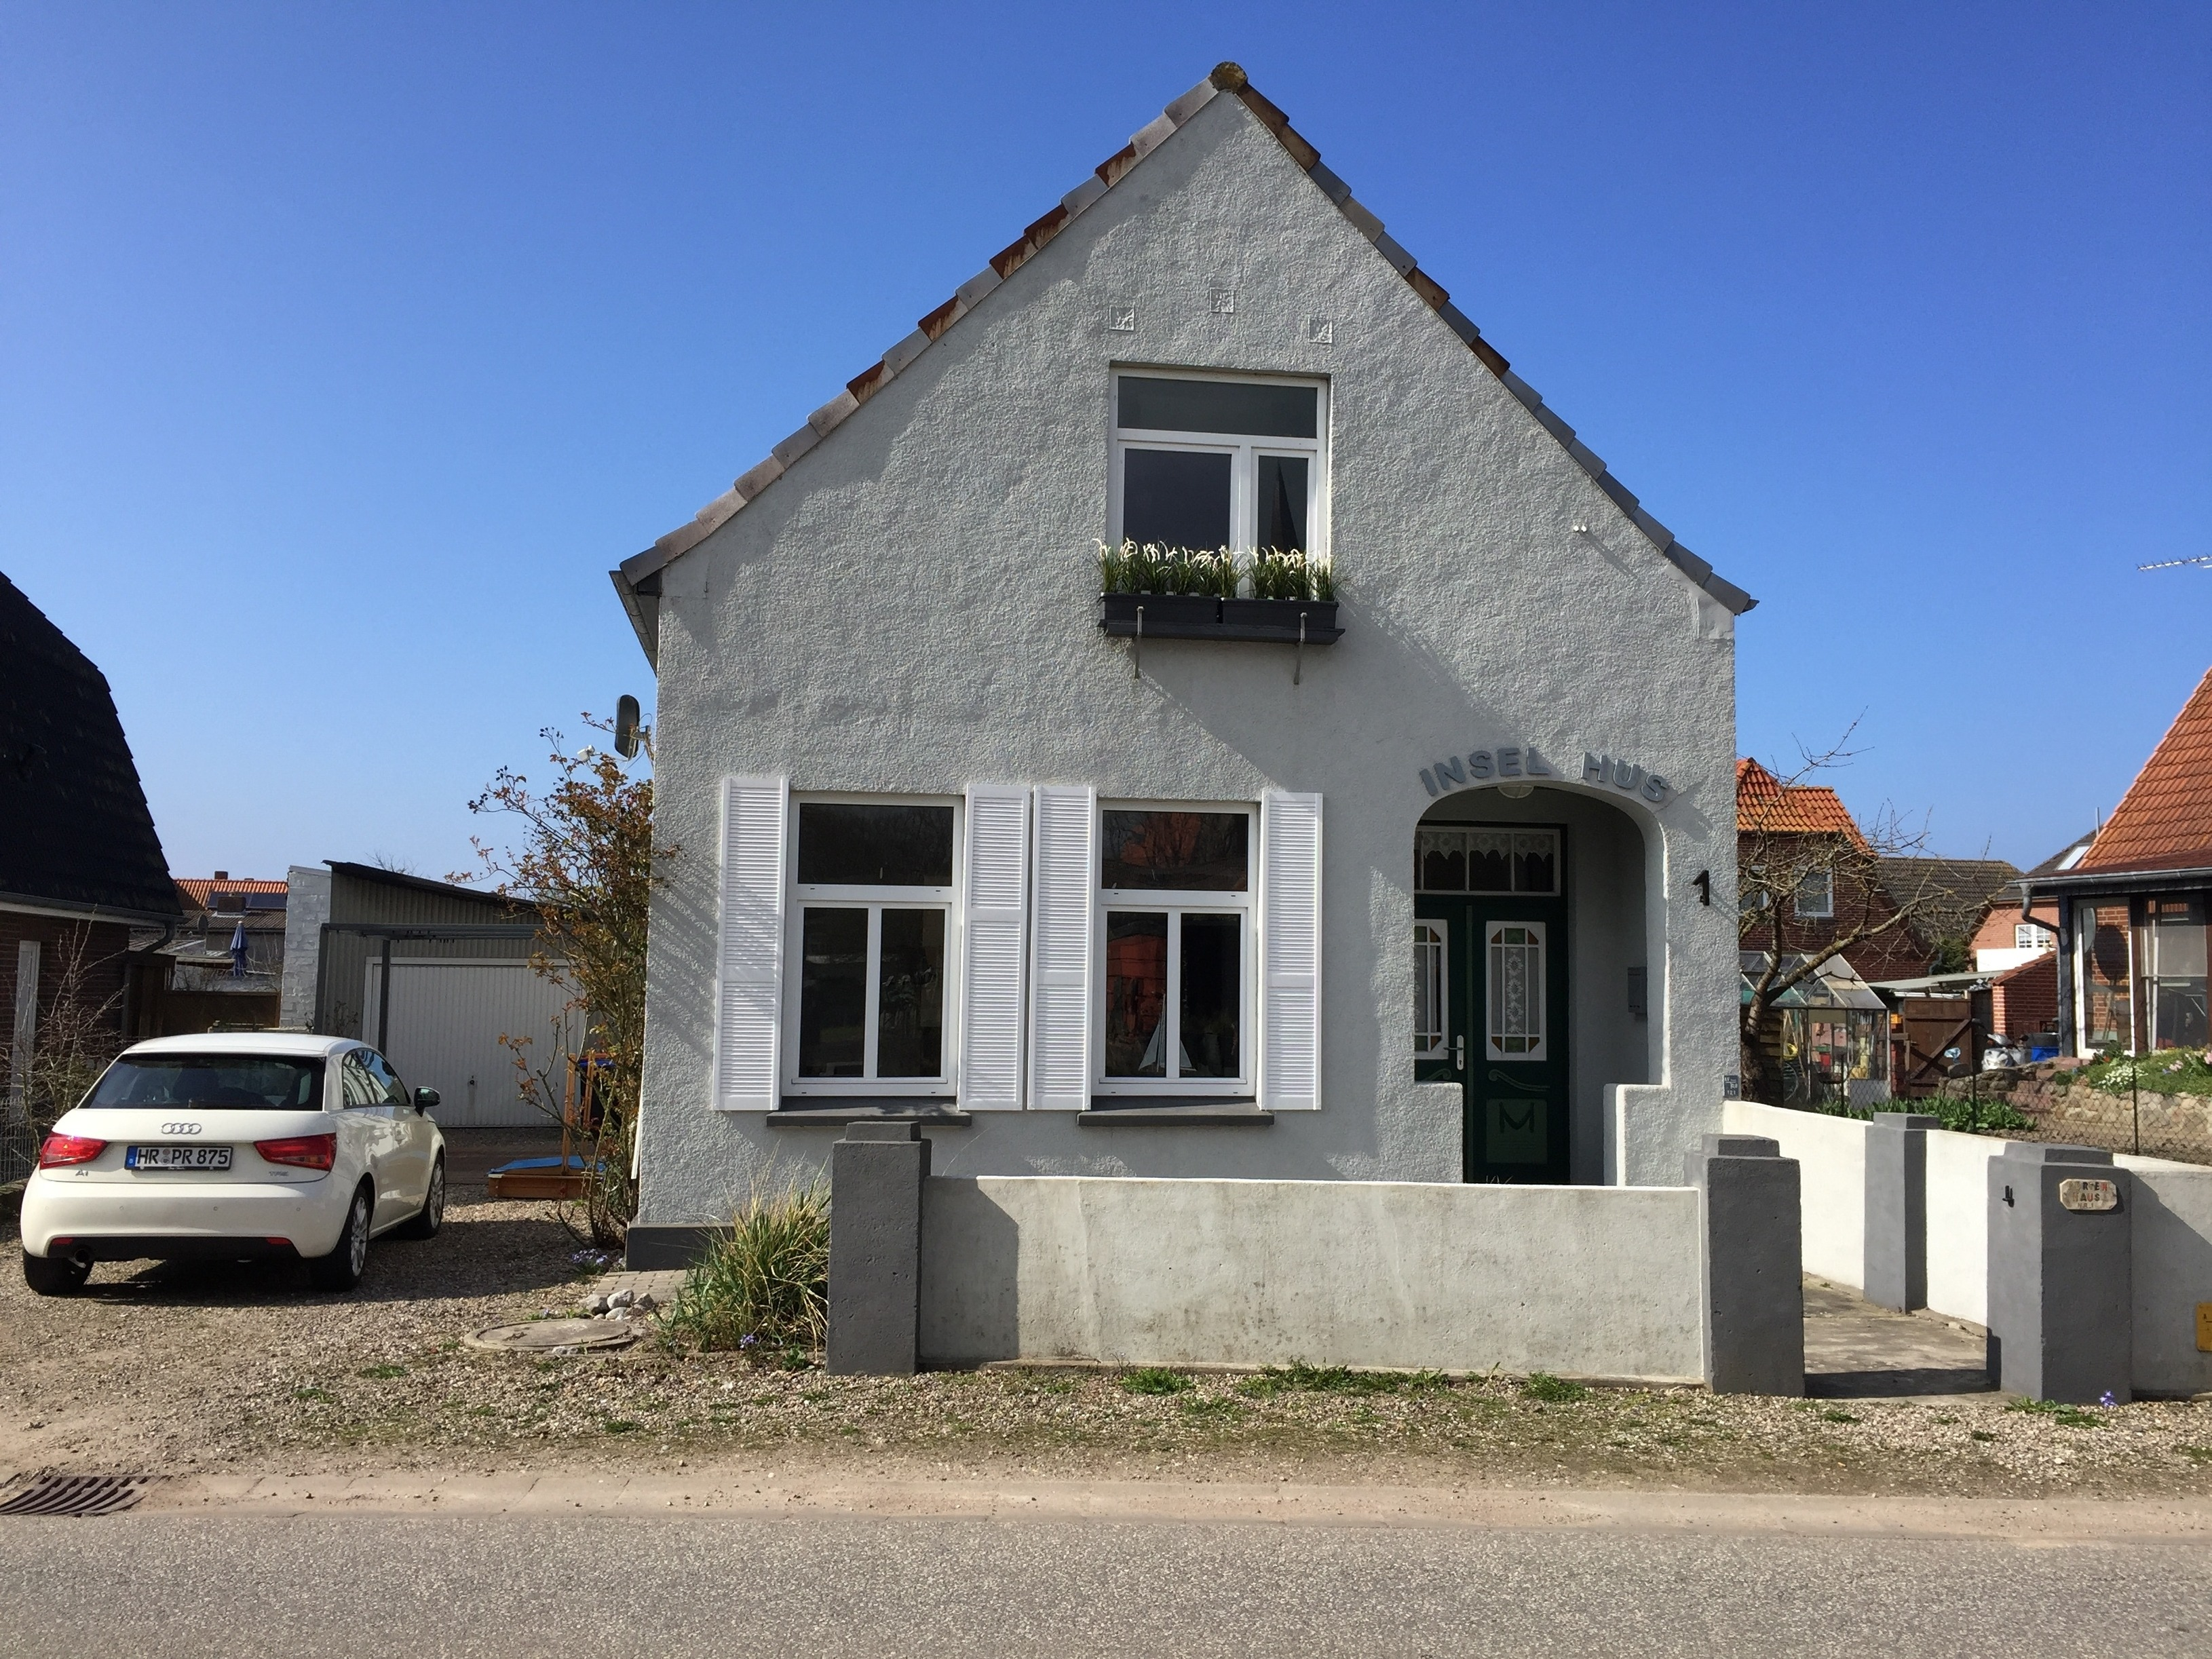 Ferienhaus Insel Hus (880373), Petersdorf, Fehmarn, Schleswig-Holstein, Deutschland, Bild 1